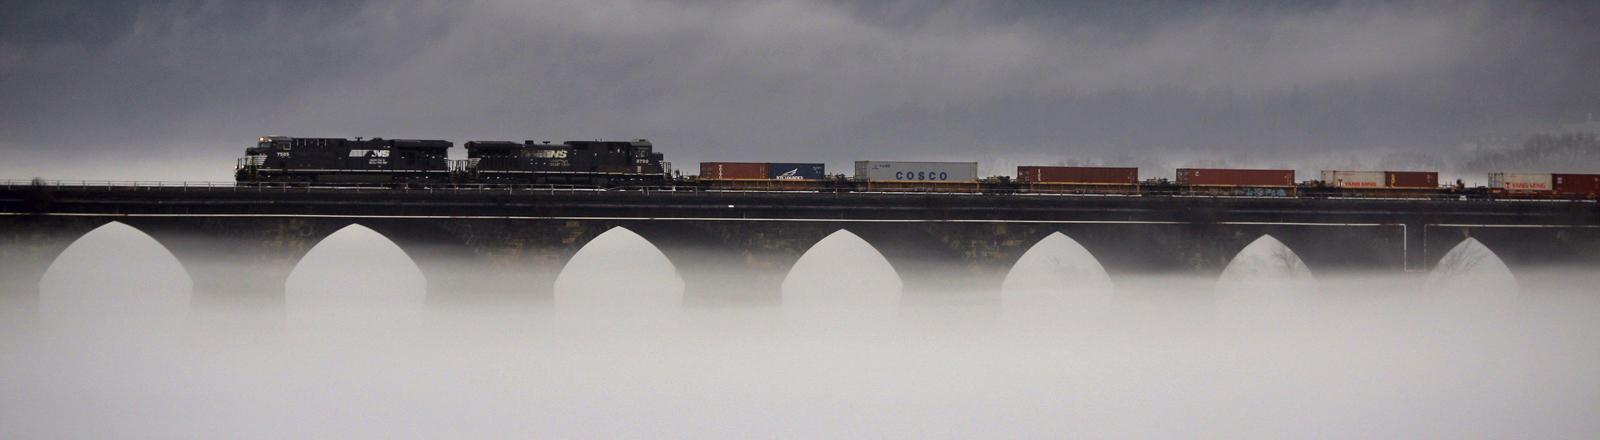 Ein Güterzug überquert bei dichtem Nebel die Rockville Bridge über den Susquehanna River in Marysville, Pennsylvania.